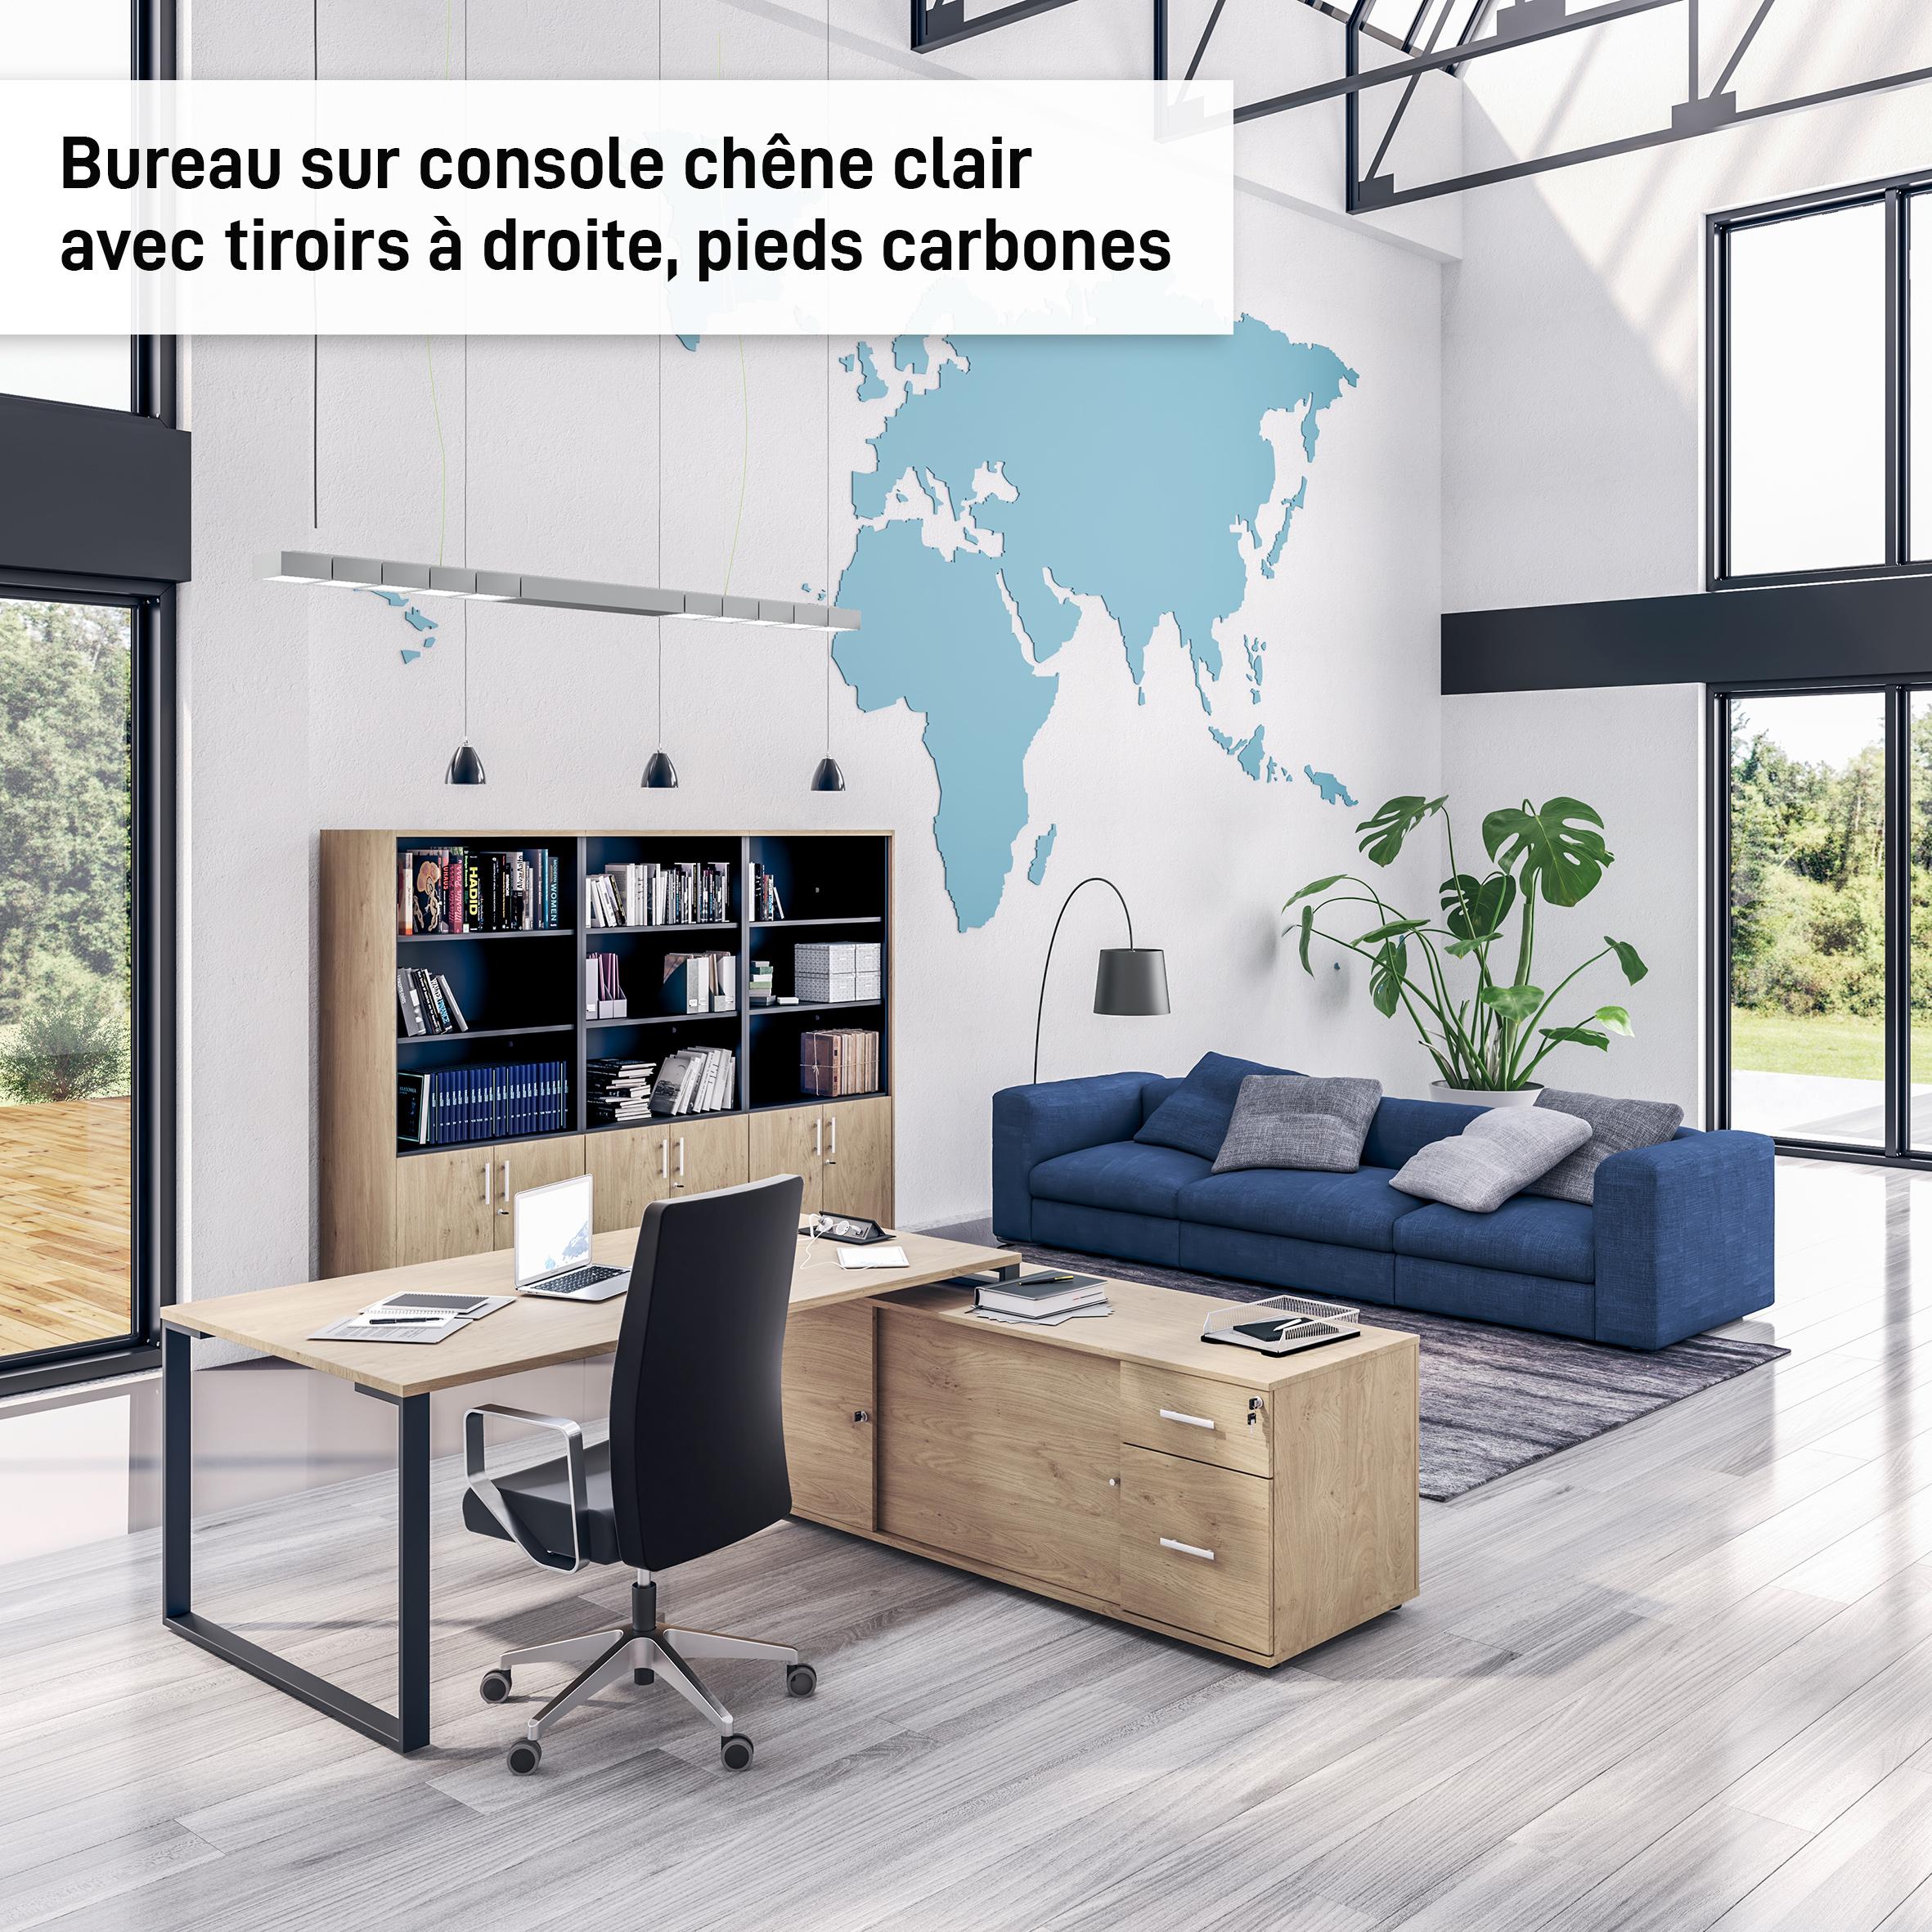 Bureau URBAN Manager - L180 x P100 x H72,5 cm - console retour à droite (tiroirs) L200 x P60 x H72,5 cm - pieds carbone - plateau imitation chêne clair